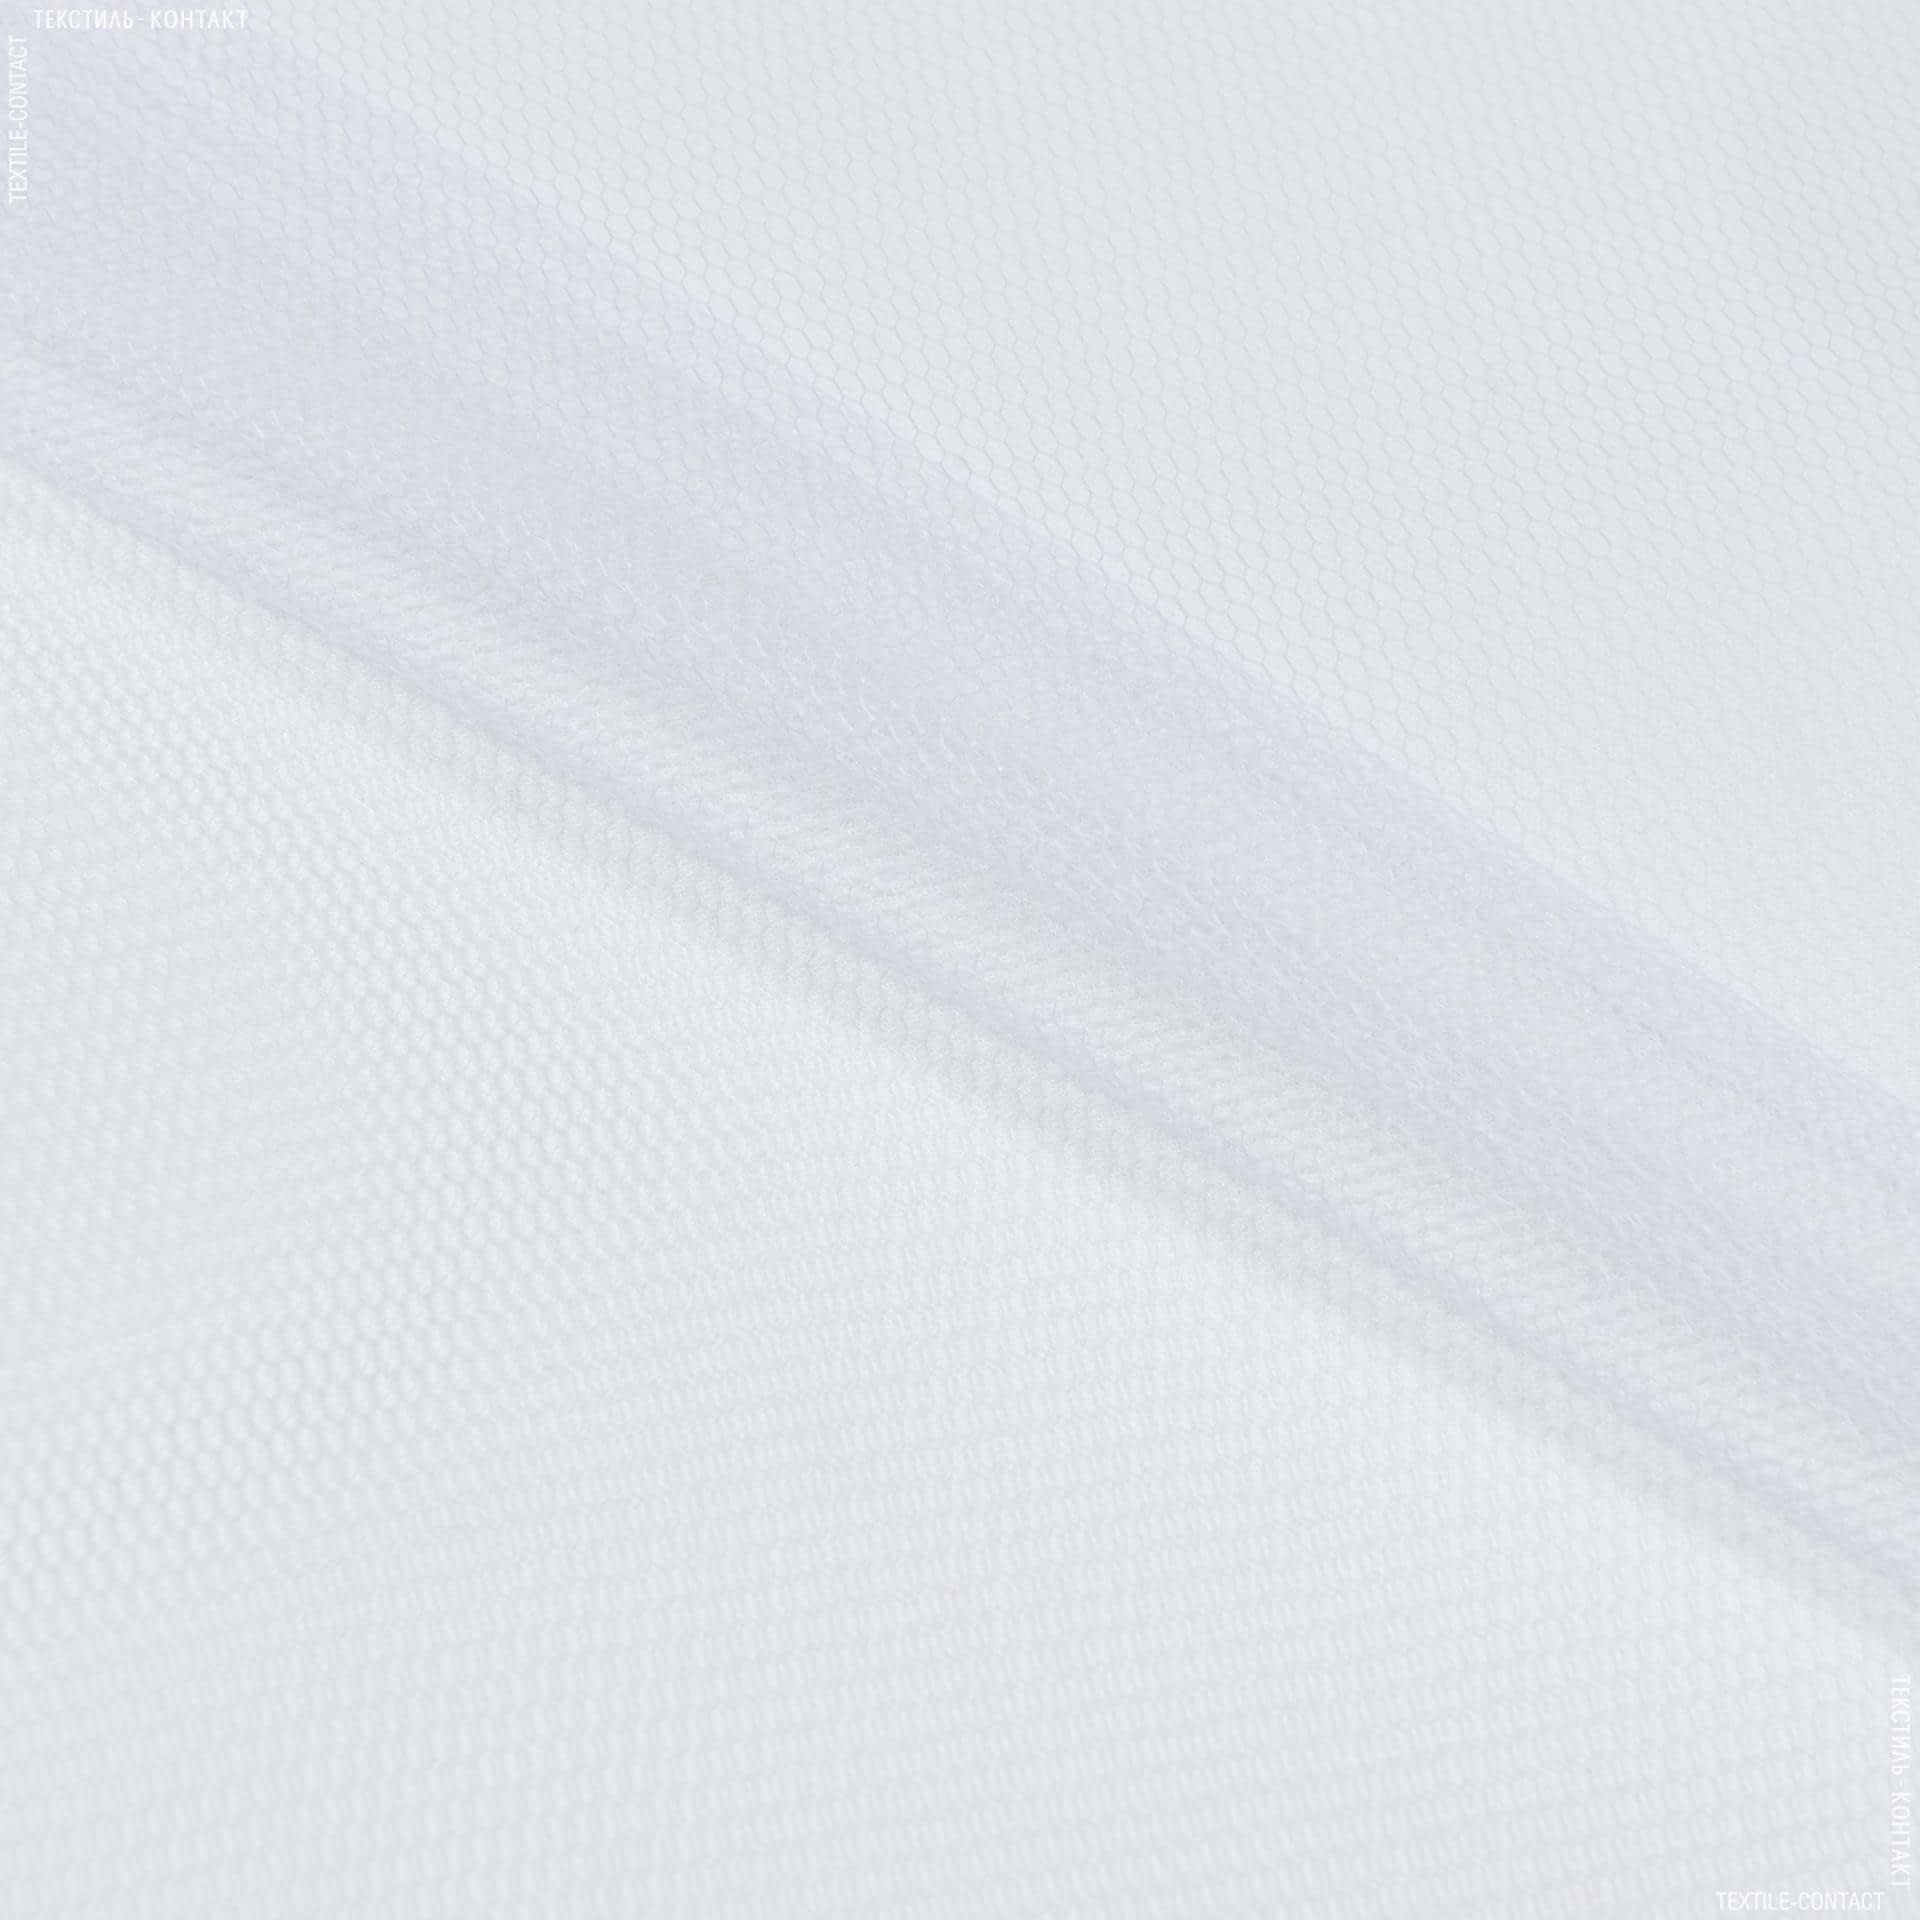 Тканини для блузок - Фатин жорсткий білий